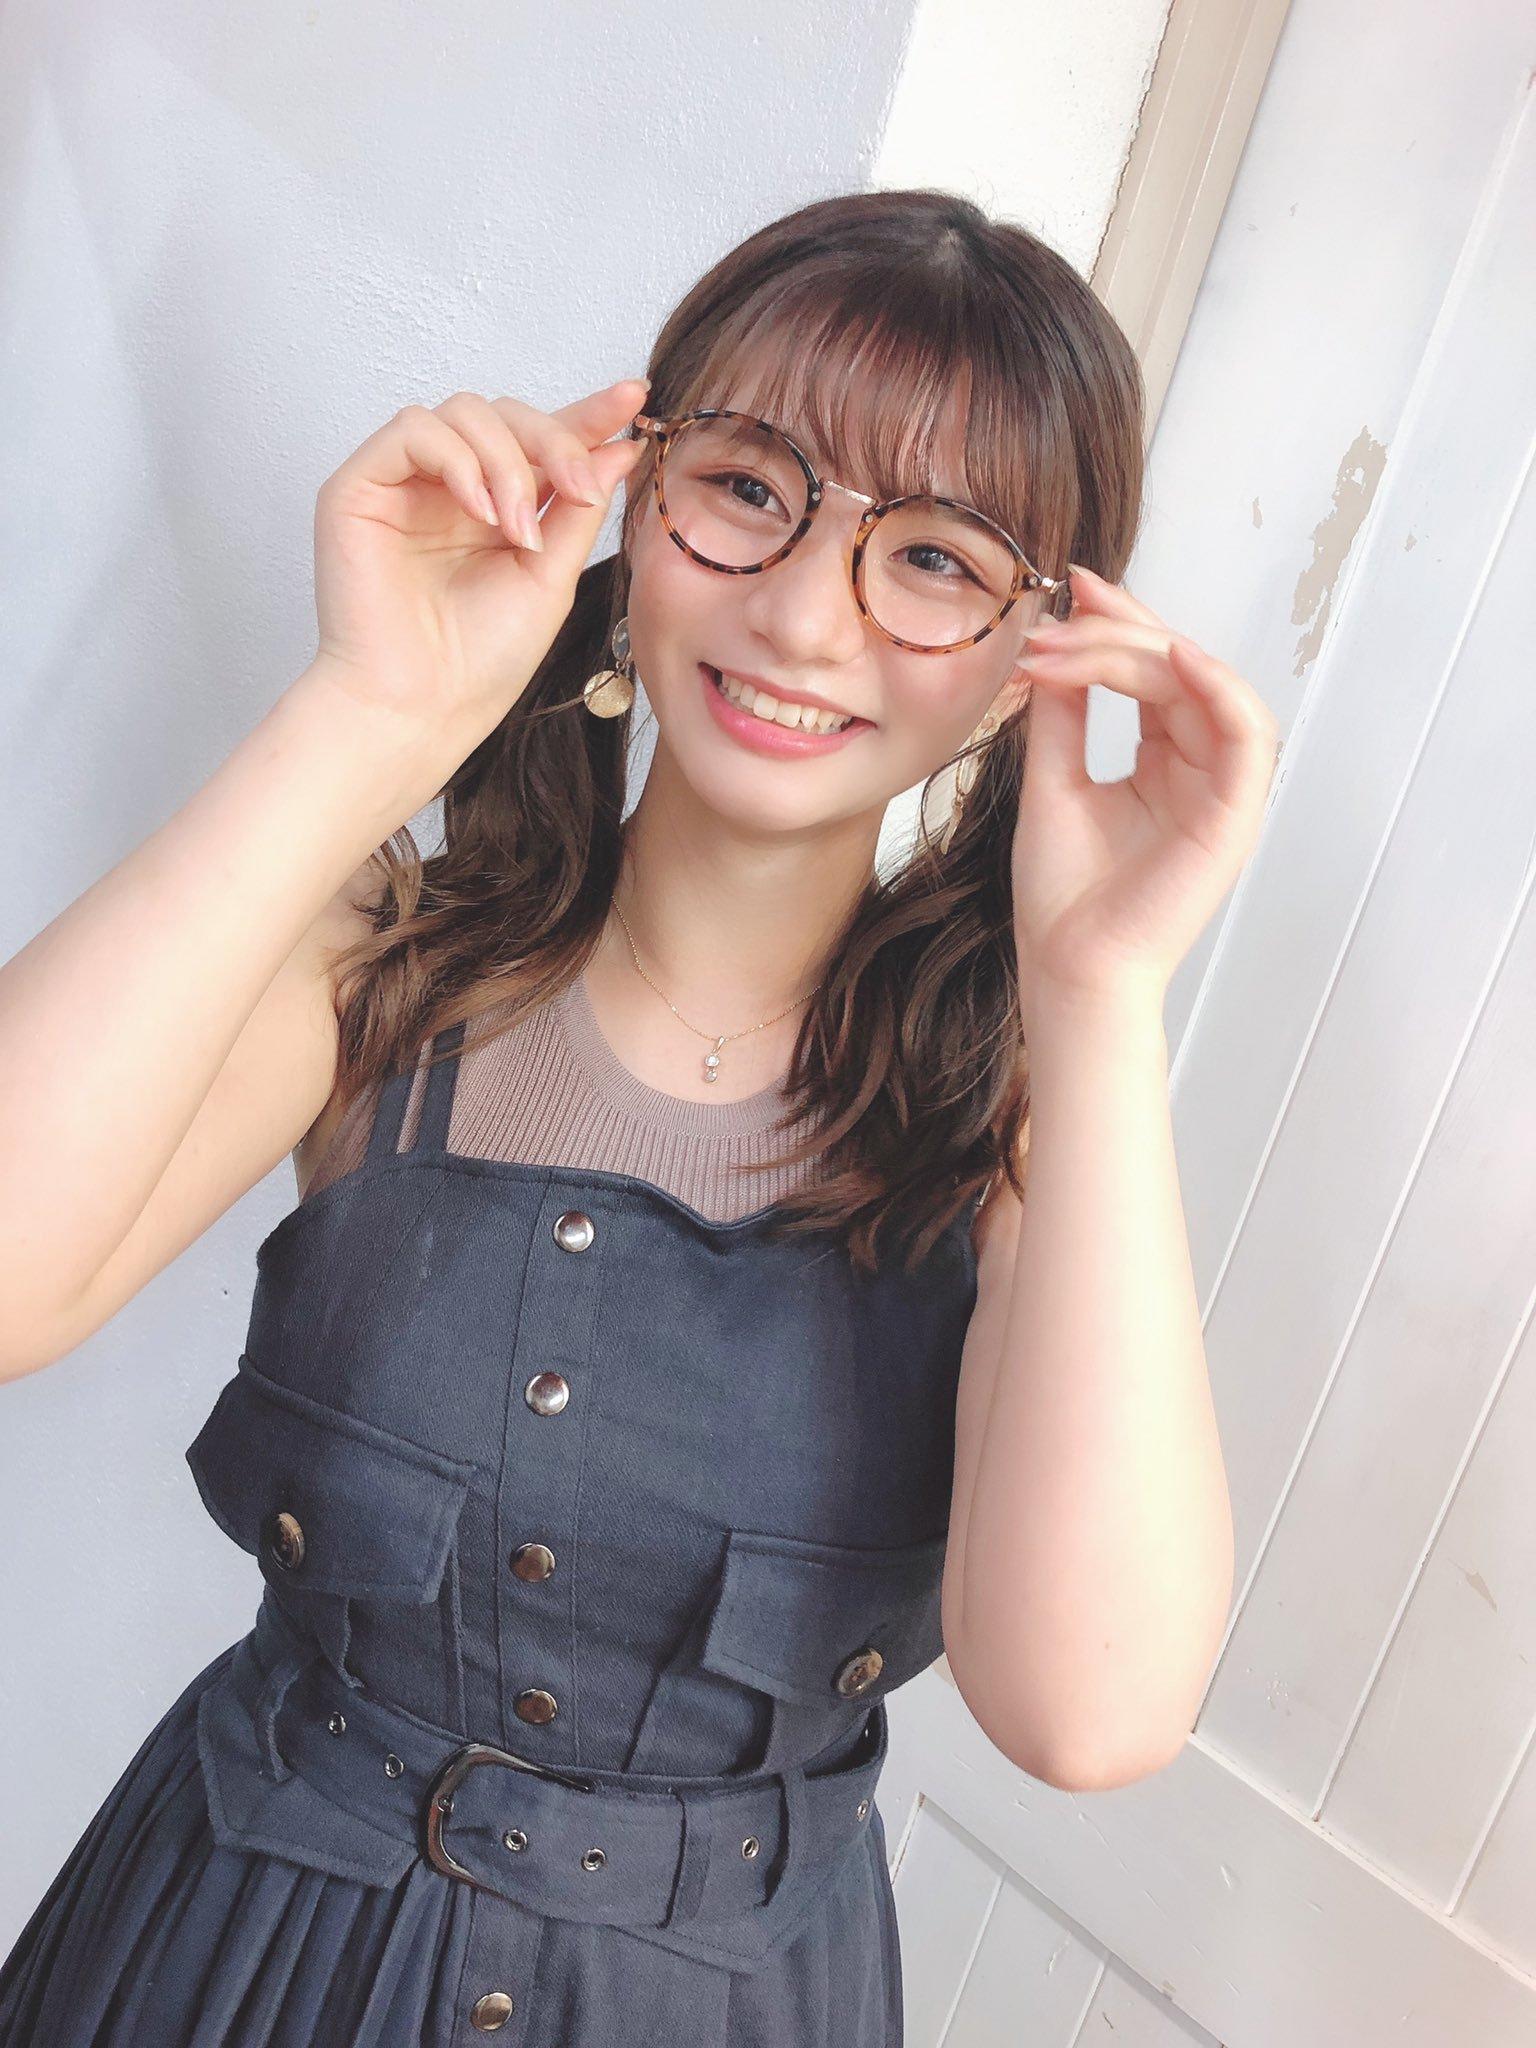 pon_chan216 1271740783763185665_p0